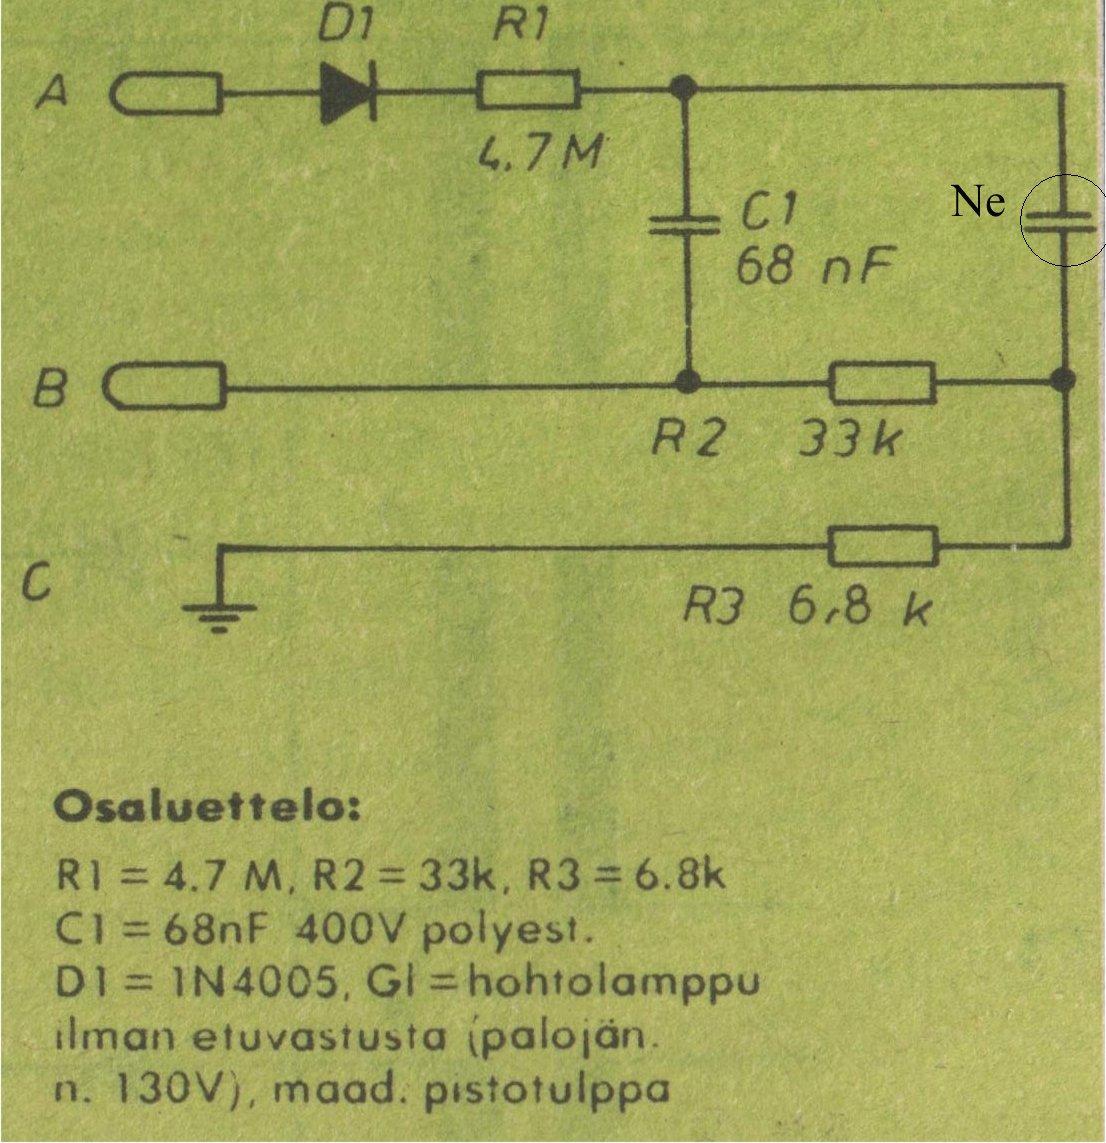 testilaite1.jpg